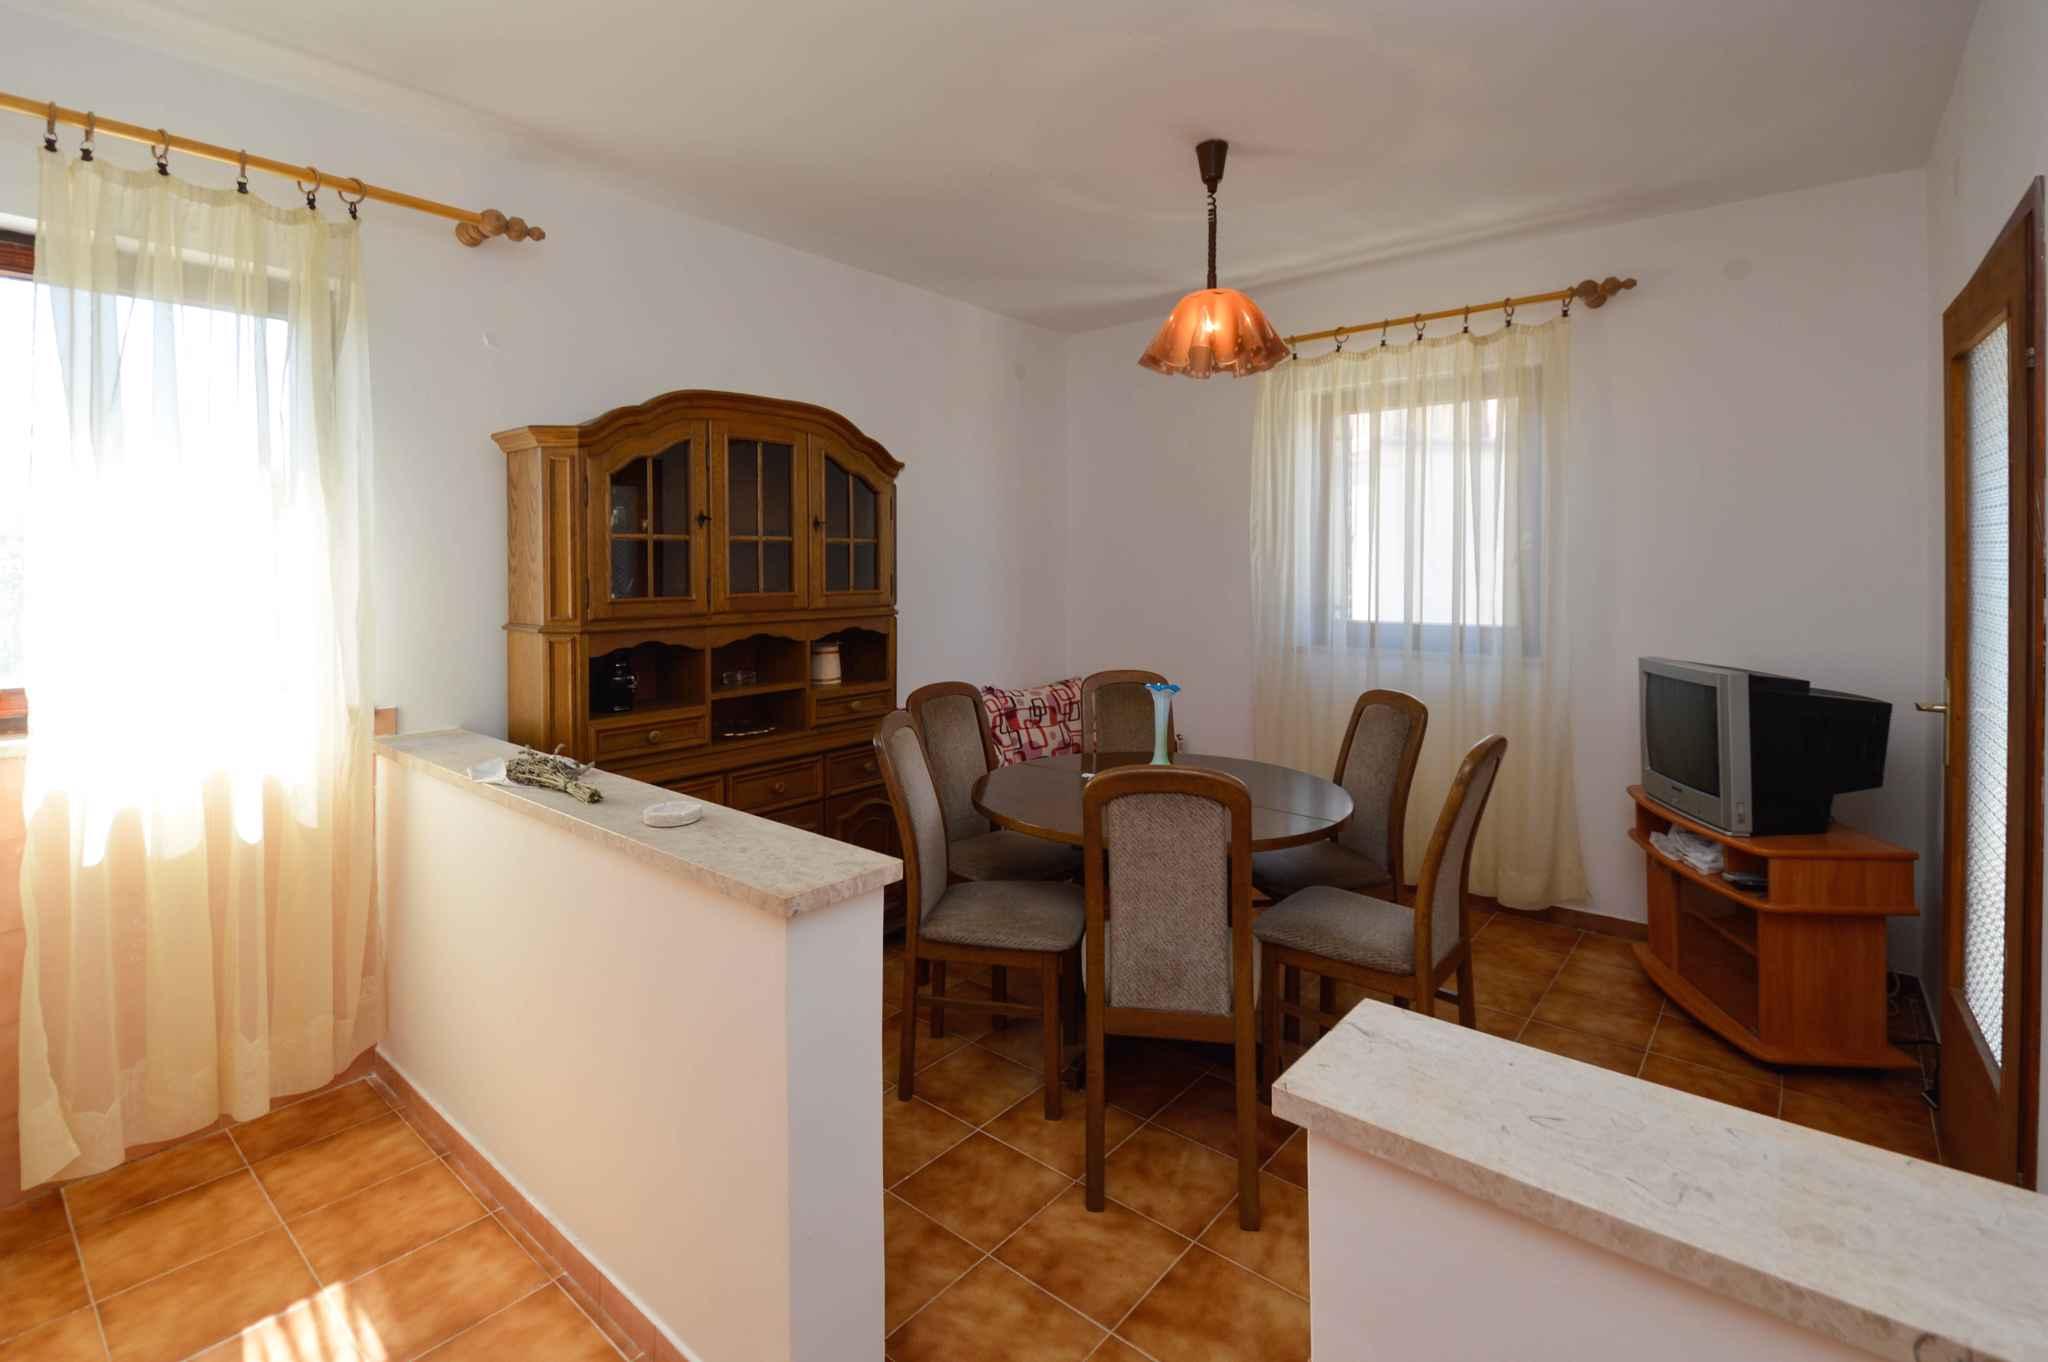 Ferienhaus mit Aussenpool im Dorf (974973), Marcana, , Istrien, Kroatien, Bild 9